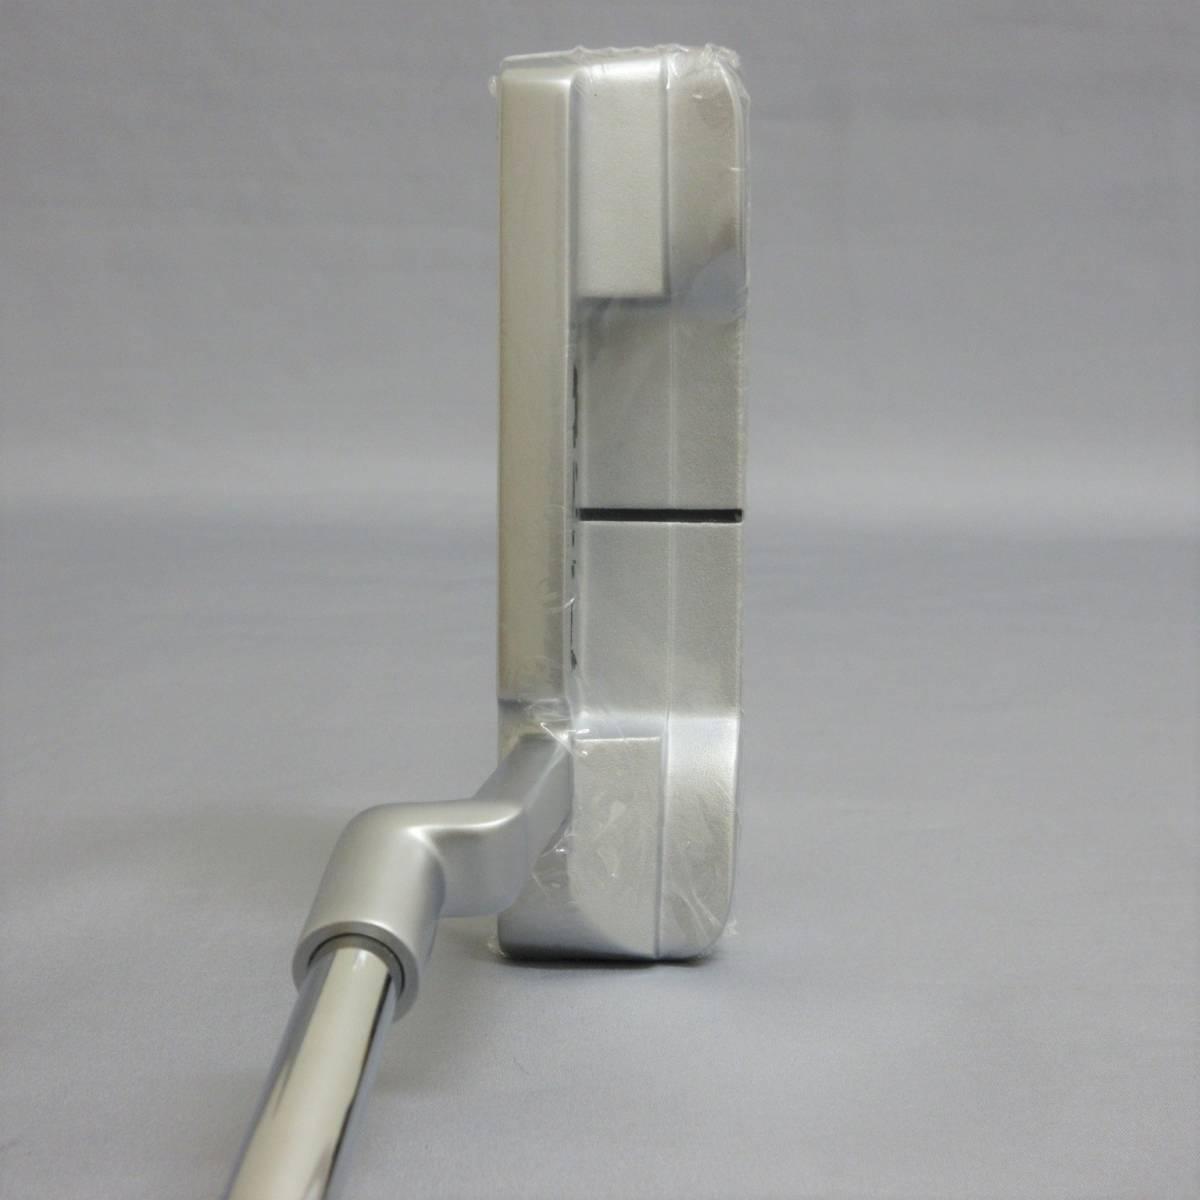 日本仕様 PING シグマ2 アンサー プラチナム 34インチ ピン Sigma2 Anser Platinum PP60 グリップ 装着 限定1本入荷!!_画像5